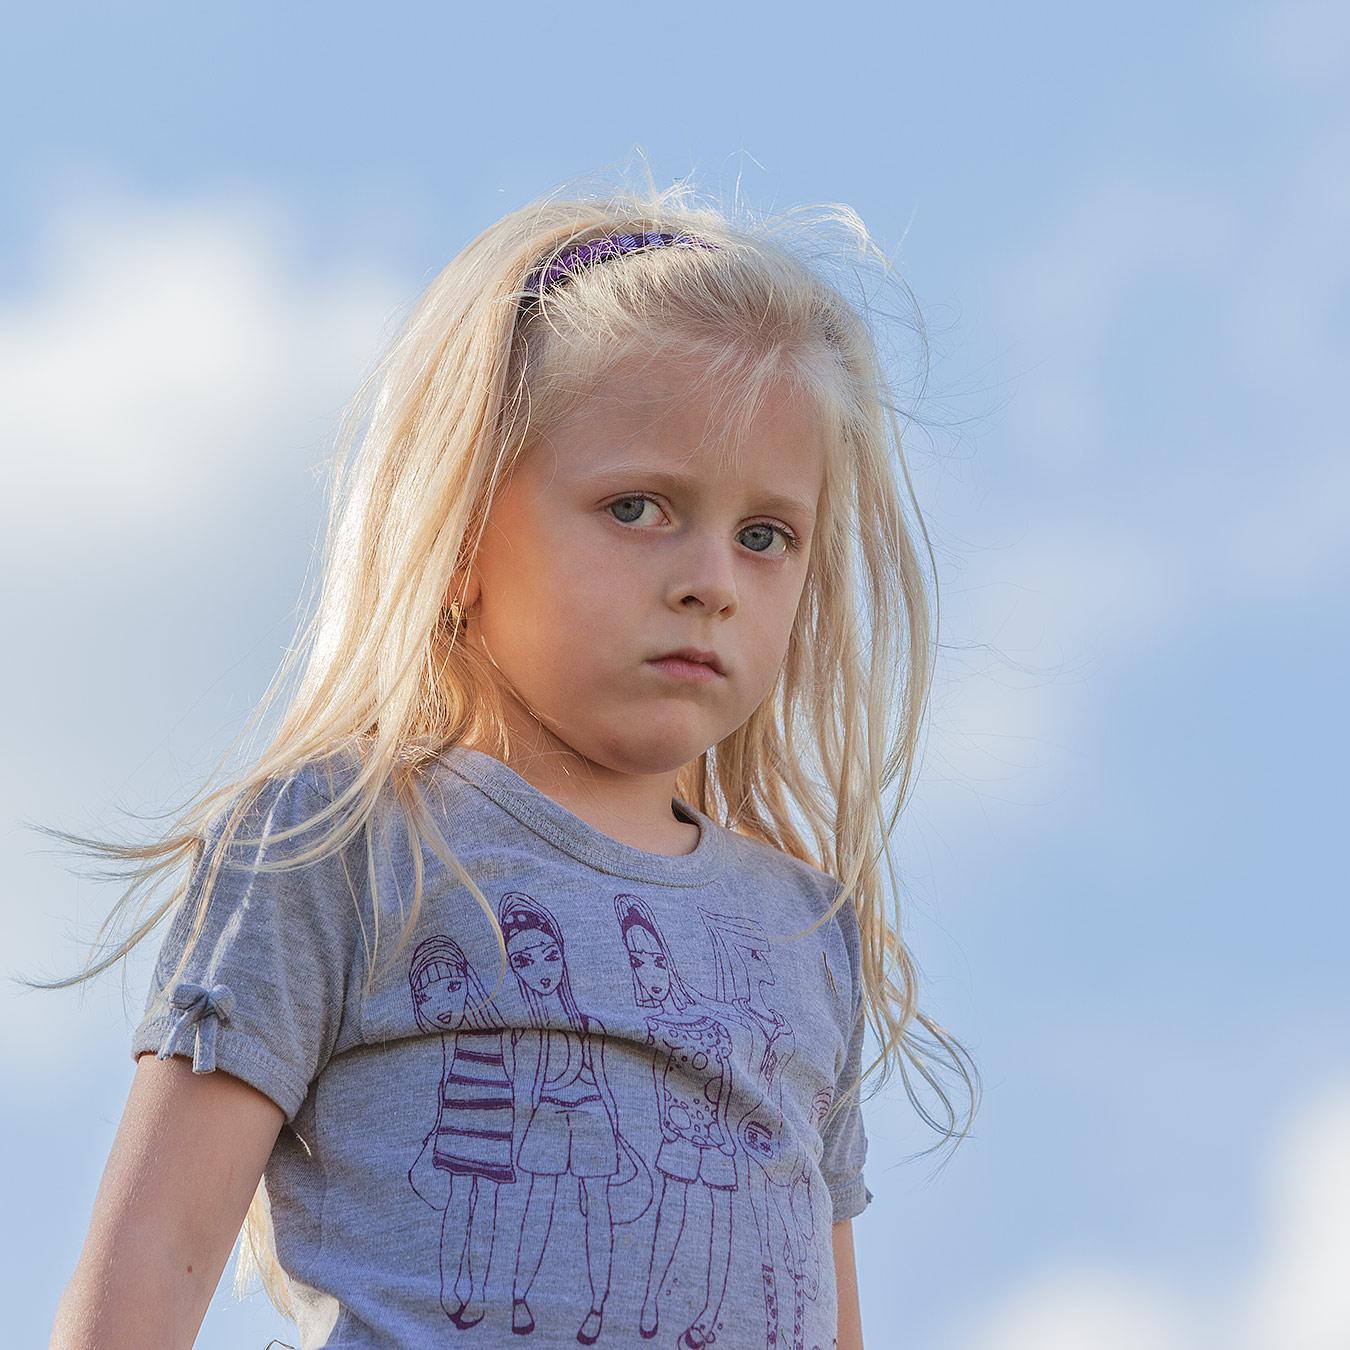 Portrait eines Mädchens mit skeptischem Blick